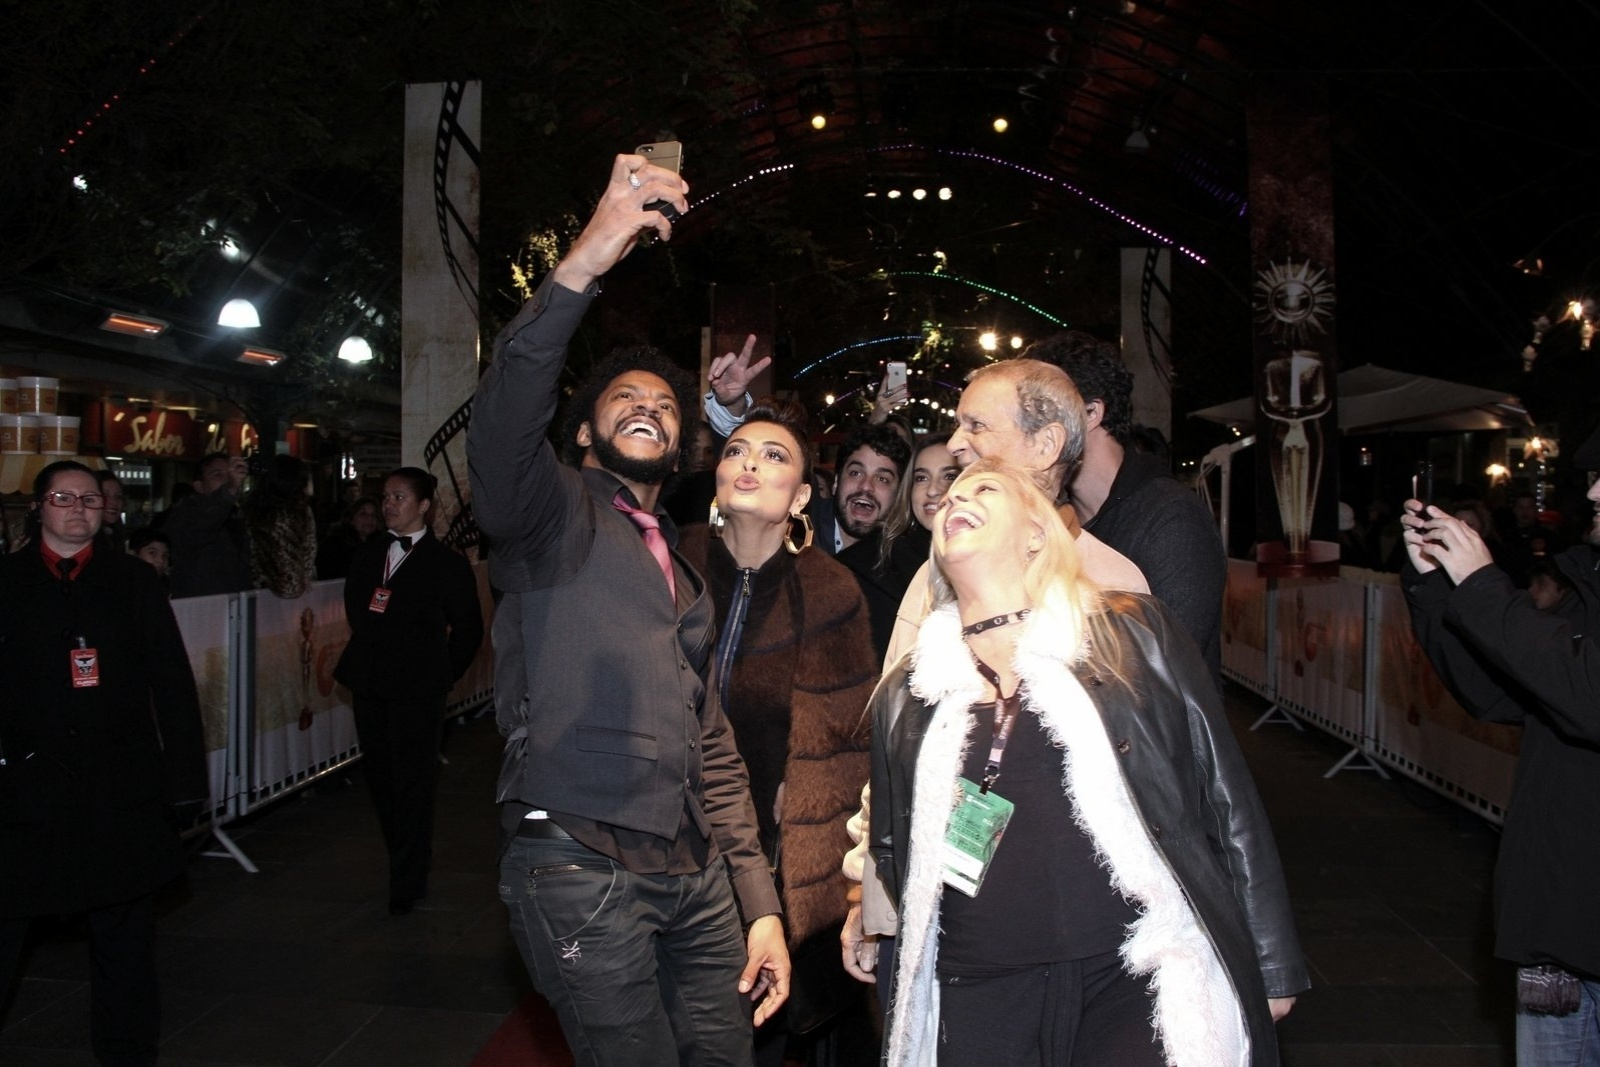 8.ago.2014 - Juliana Paes faz uma selfie ao lado de atores e produtores no tapete vermelho da abertura do 42° Festival de Cinema de Gramado, no Rio Grande do Sul, na noite desta sexta-feira